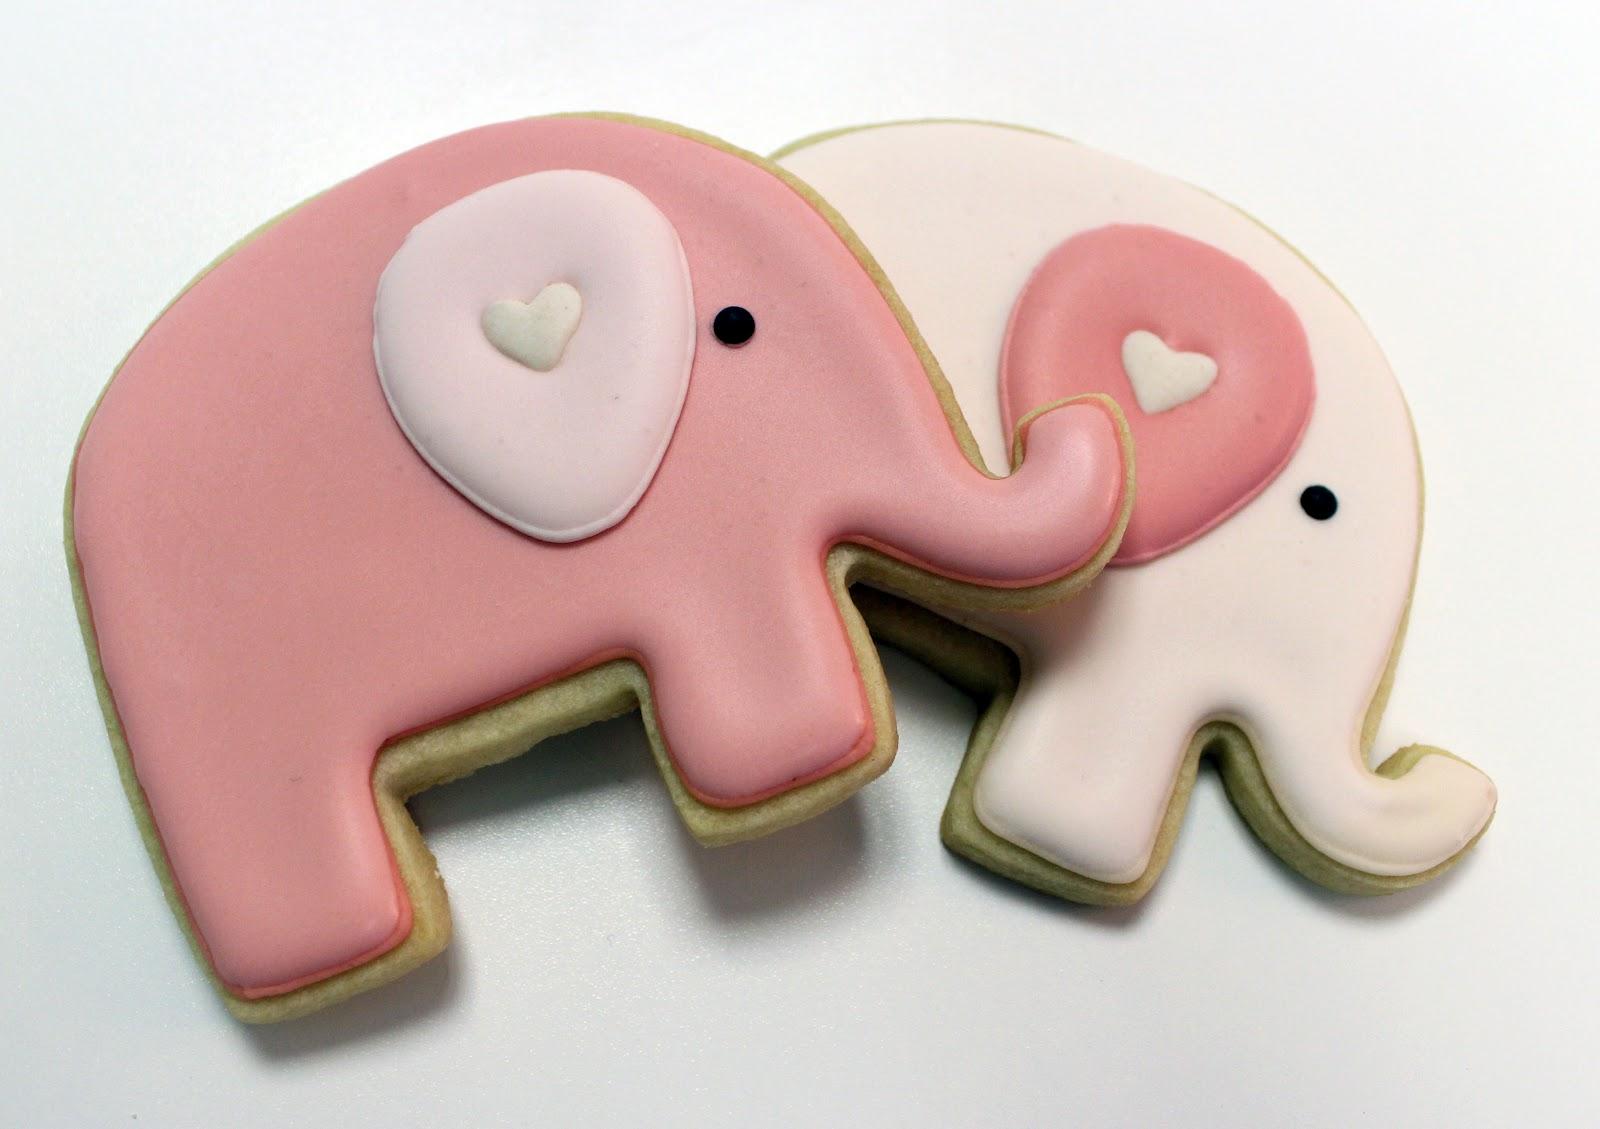 http://3.bp.blogspot.com/-ZHTY8x3qtmU/T8qfxdLAwmI/AAAAAAAAAPE/-ELmA_yy2fA/s1600/Elephants+-+pink+Sweetopia.jpg